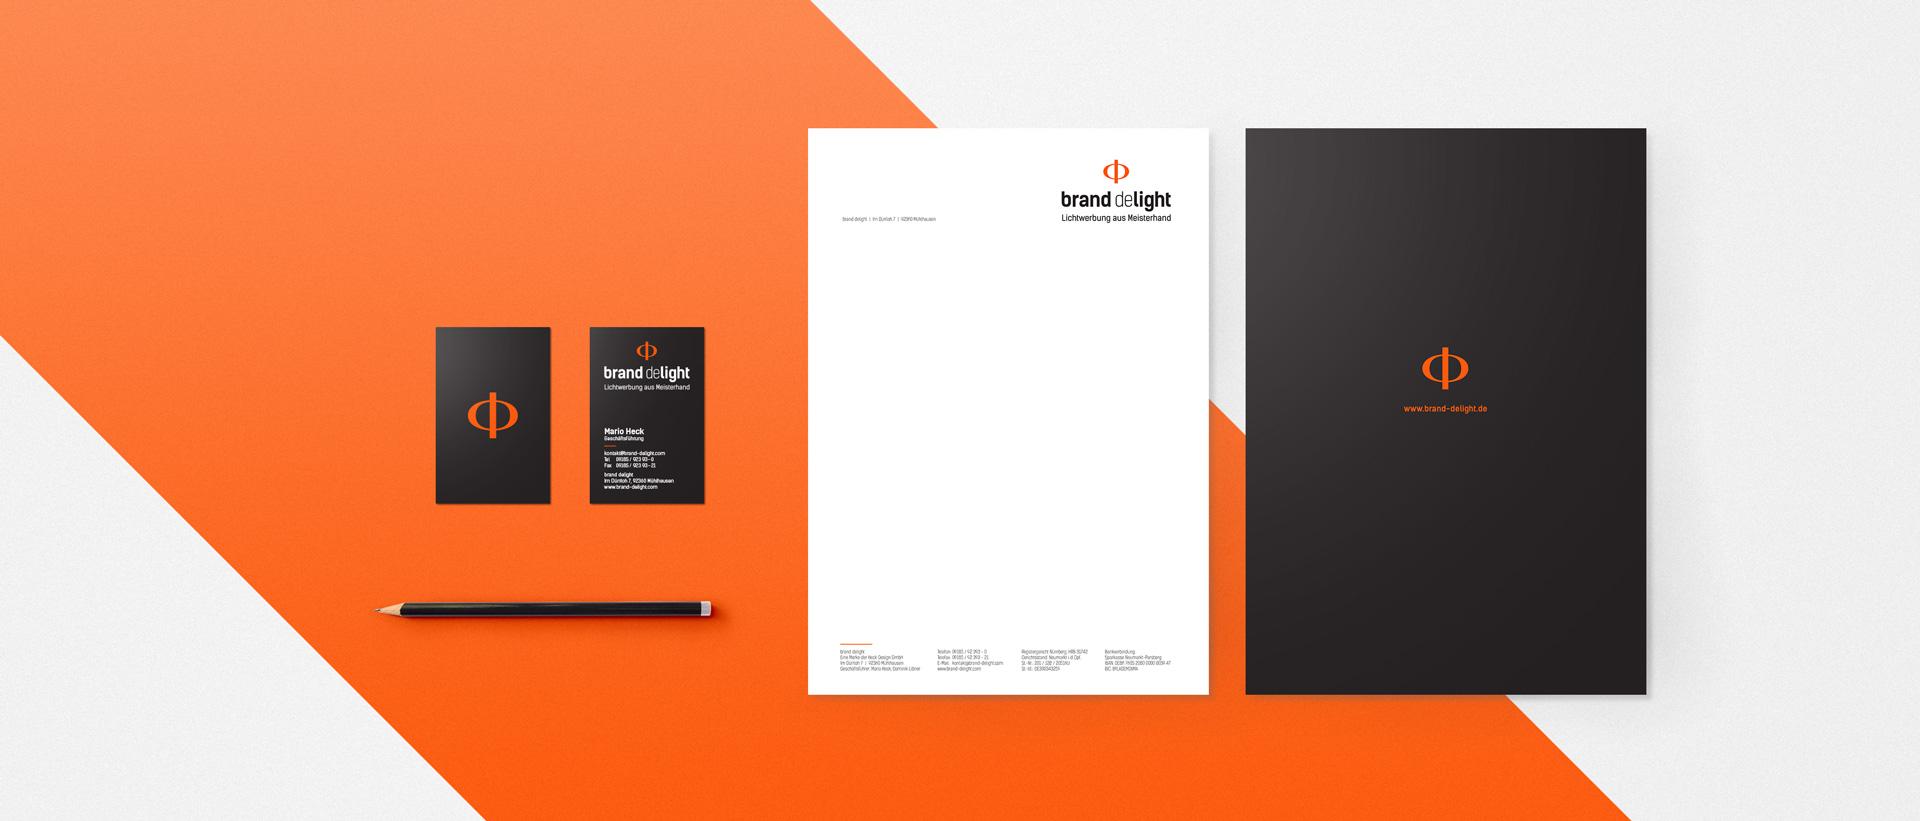 Für das Lichtwerbung-Startup Brand Delight konzipierte und realisierte REINGOLD das komplette Startup-Branding und den Markenauftritt.